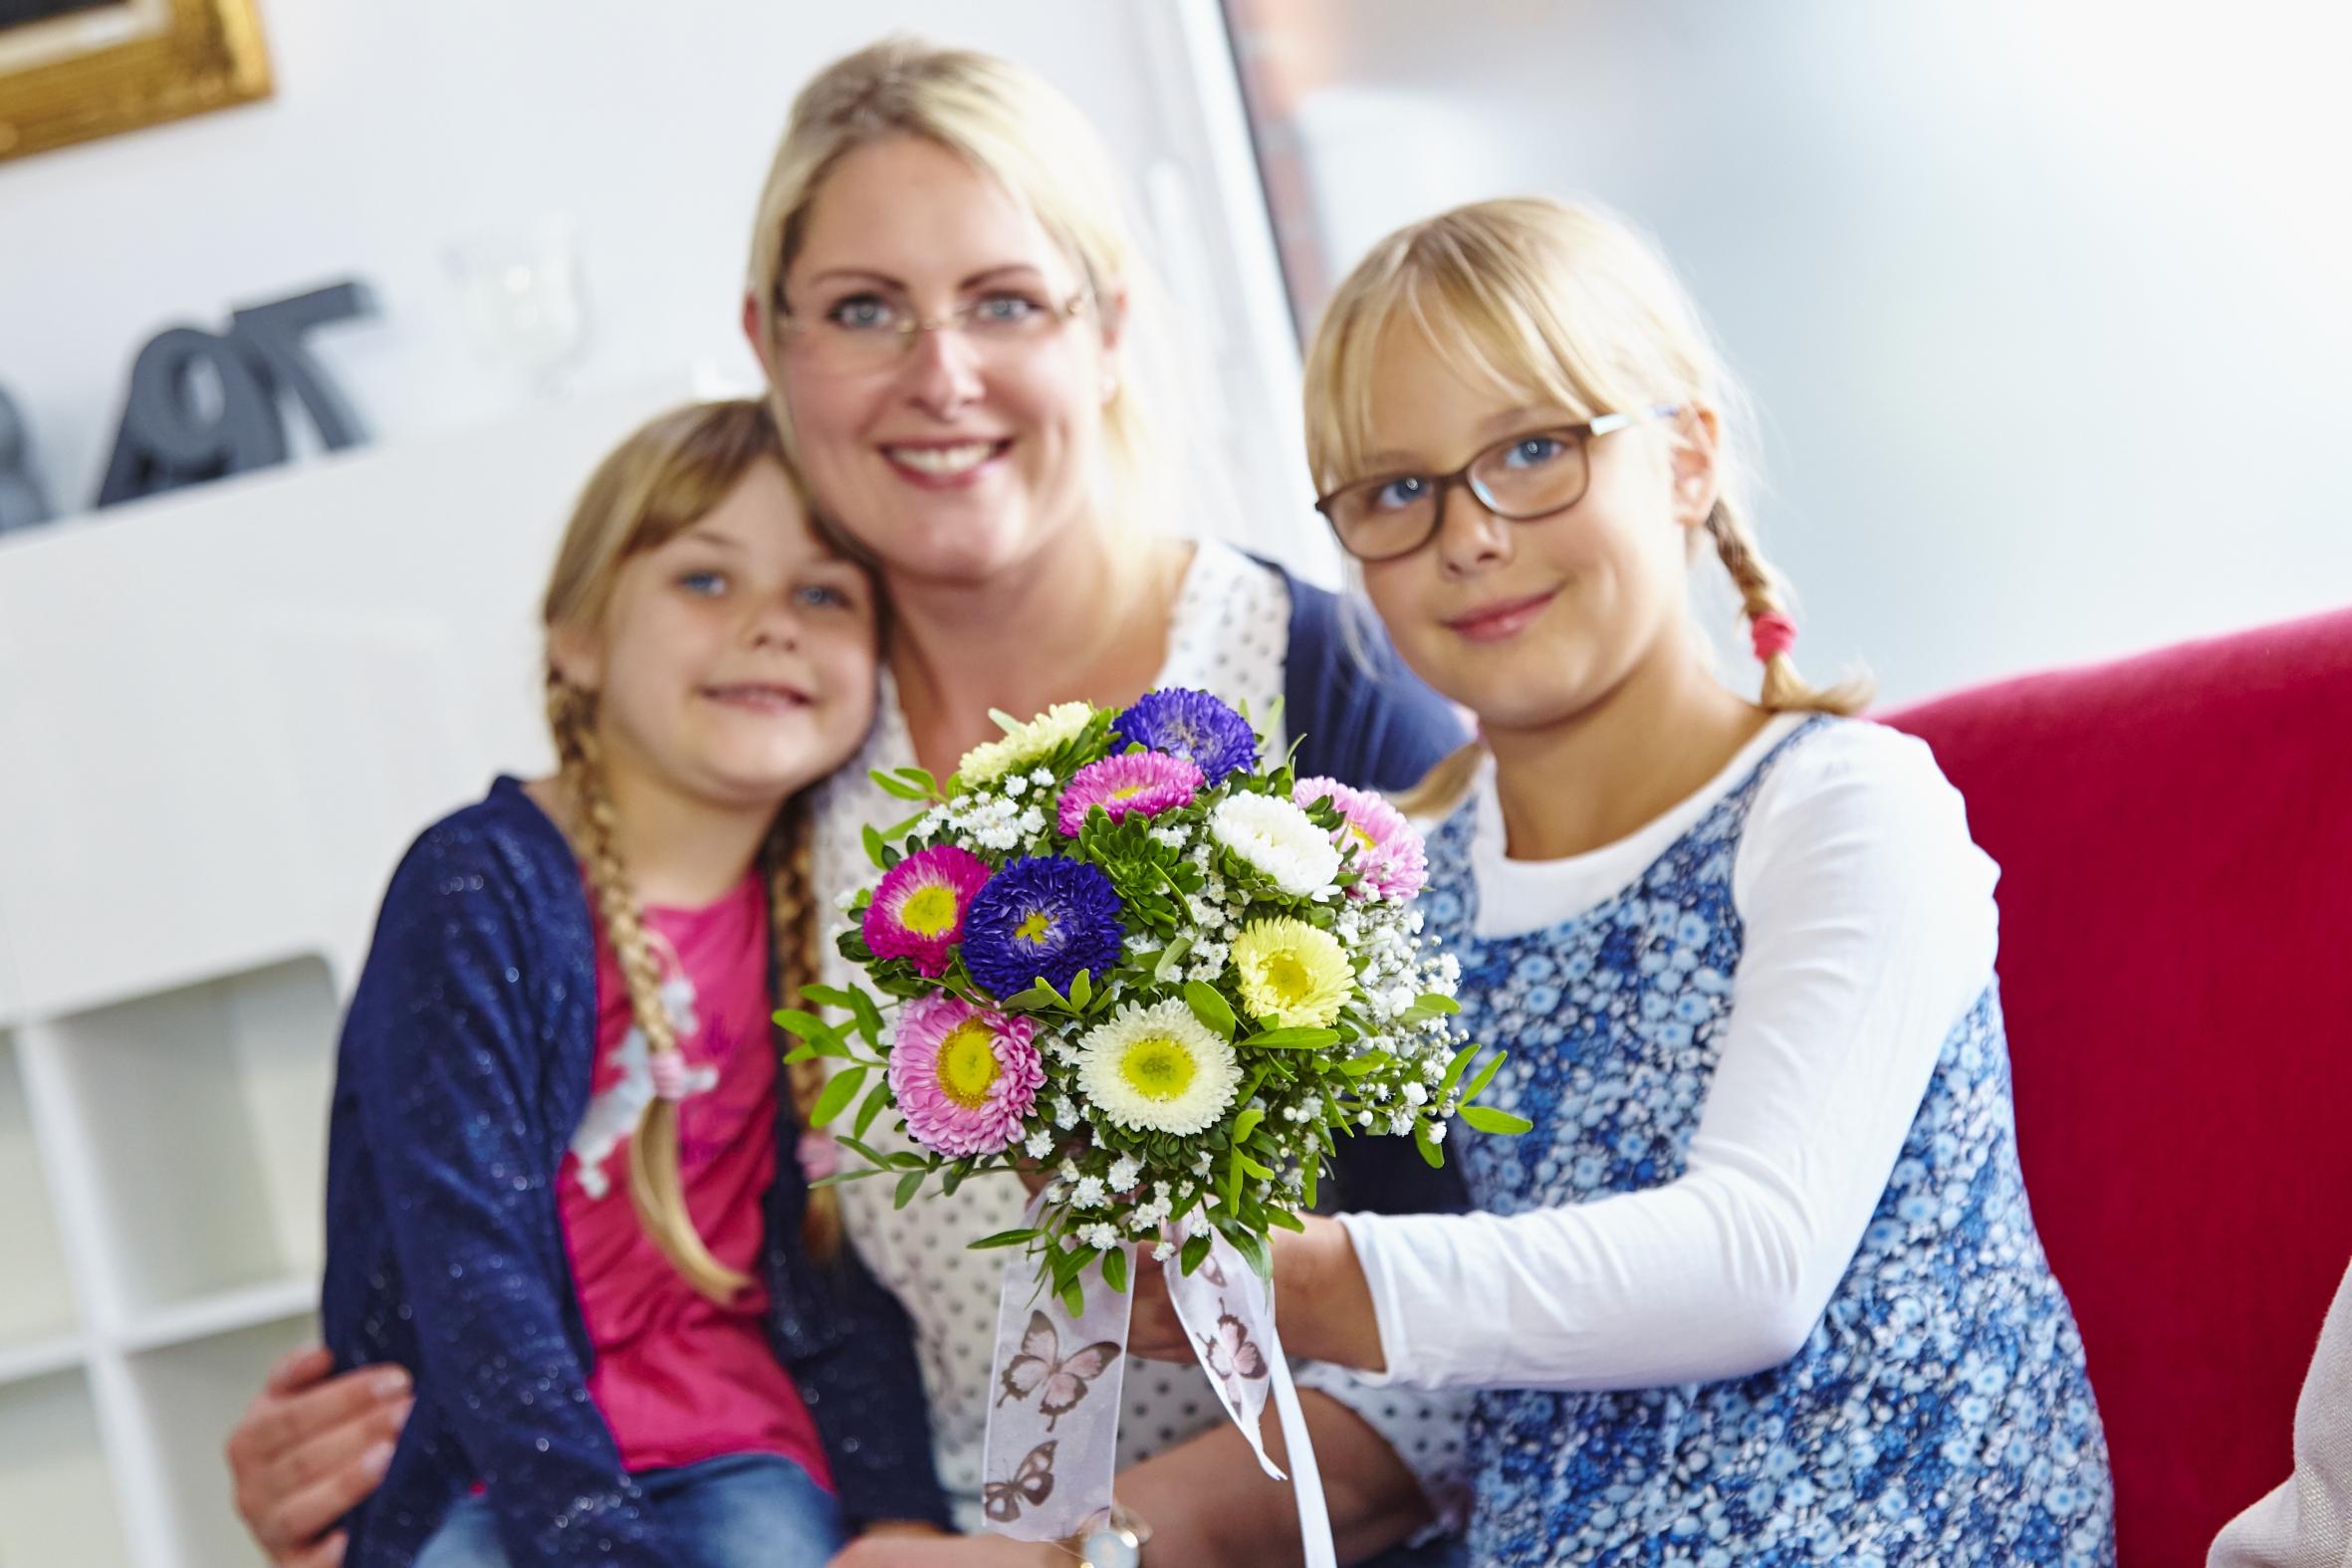 Am 12. Mai ist Muttertag – und es gibt gute Gründe, Blumen zu verschenken